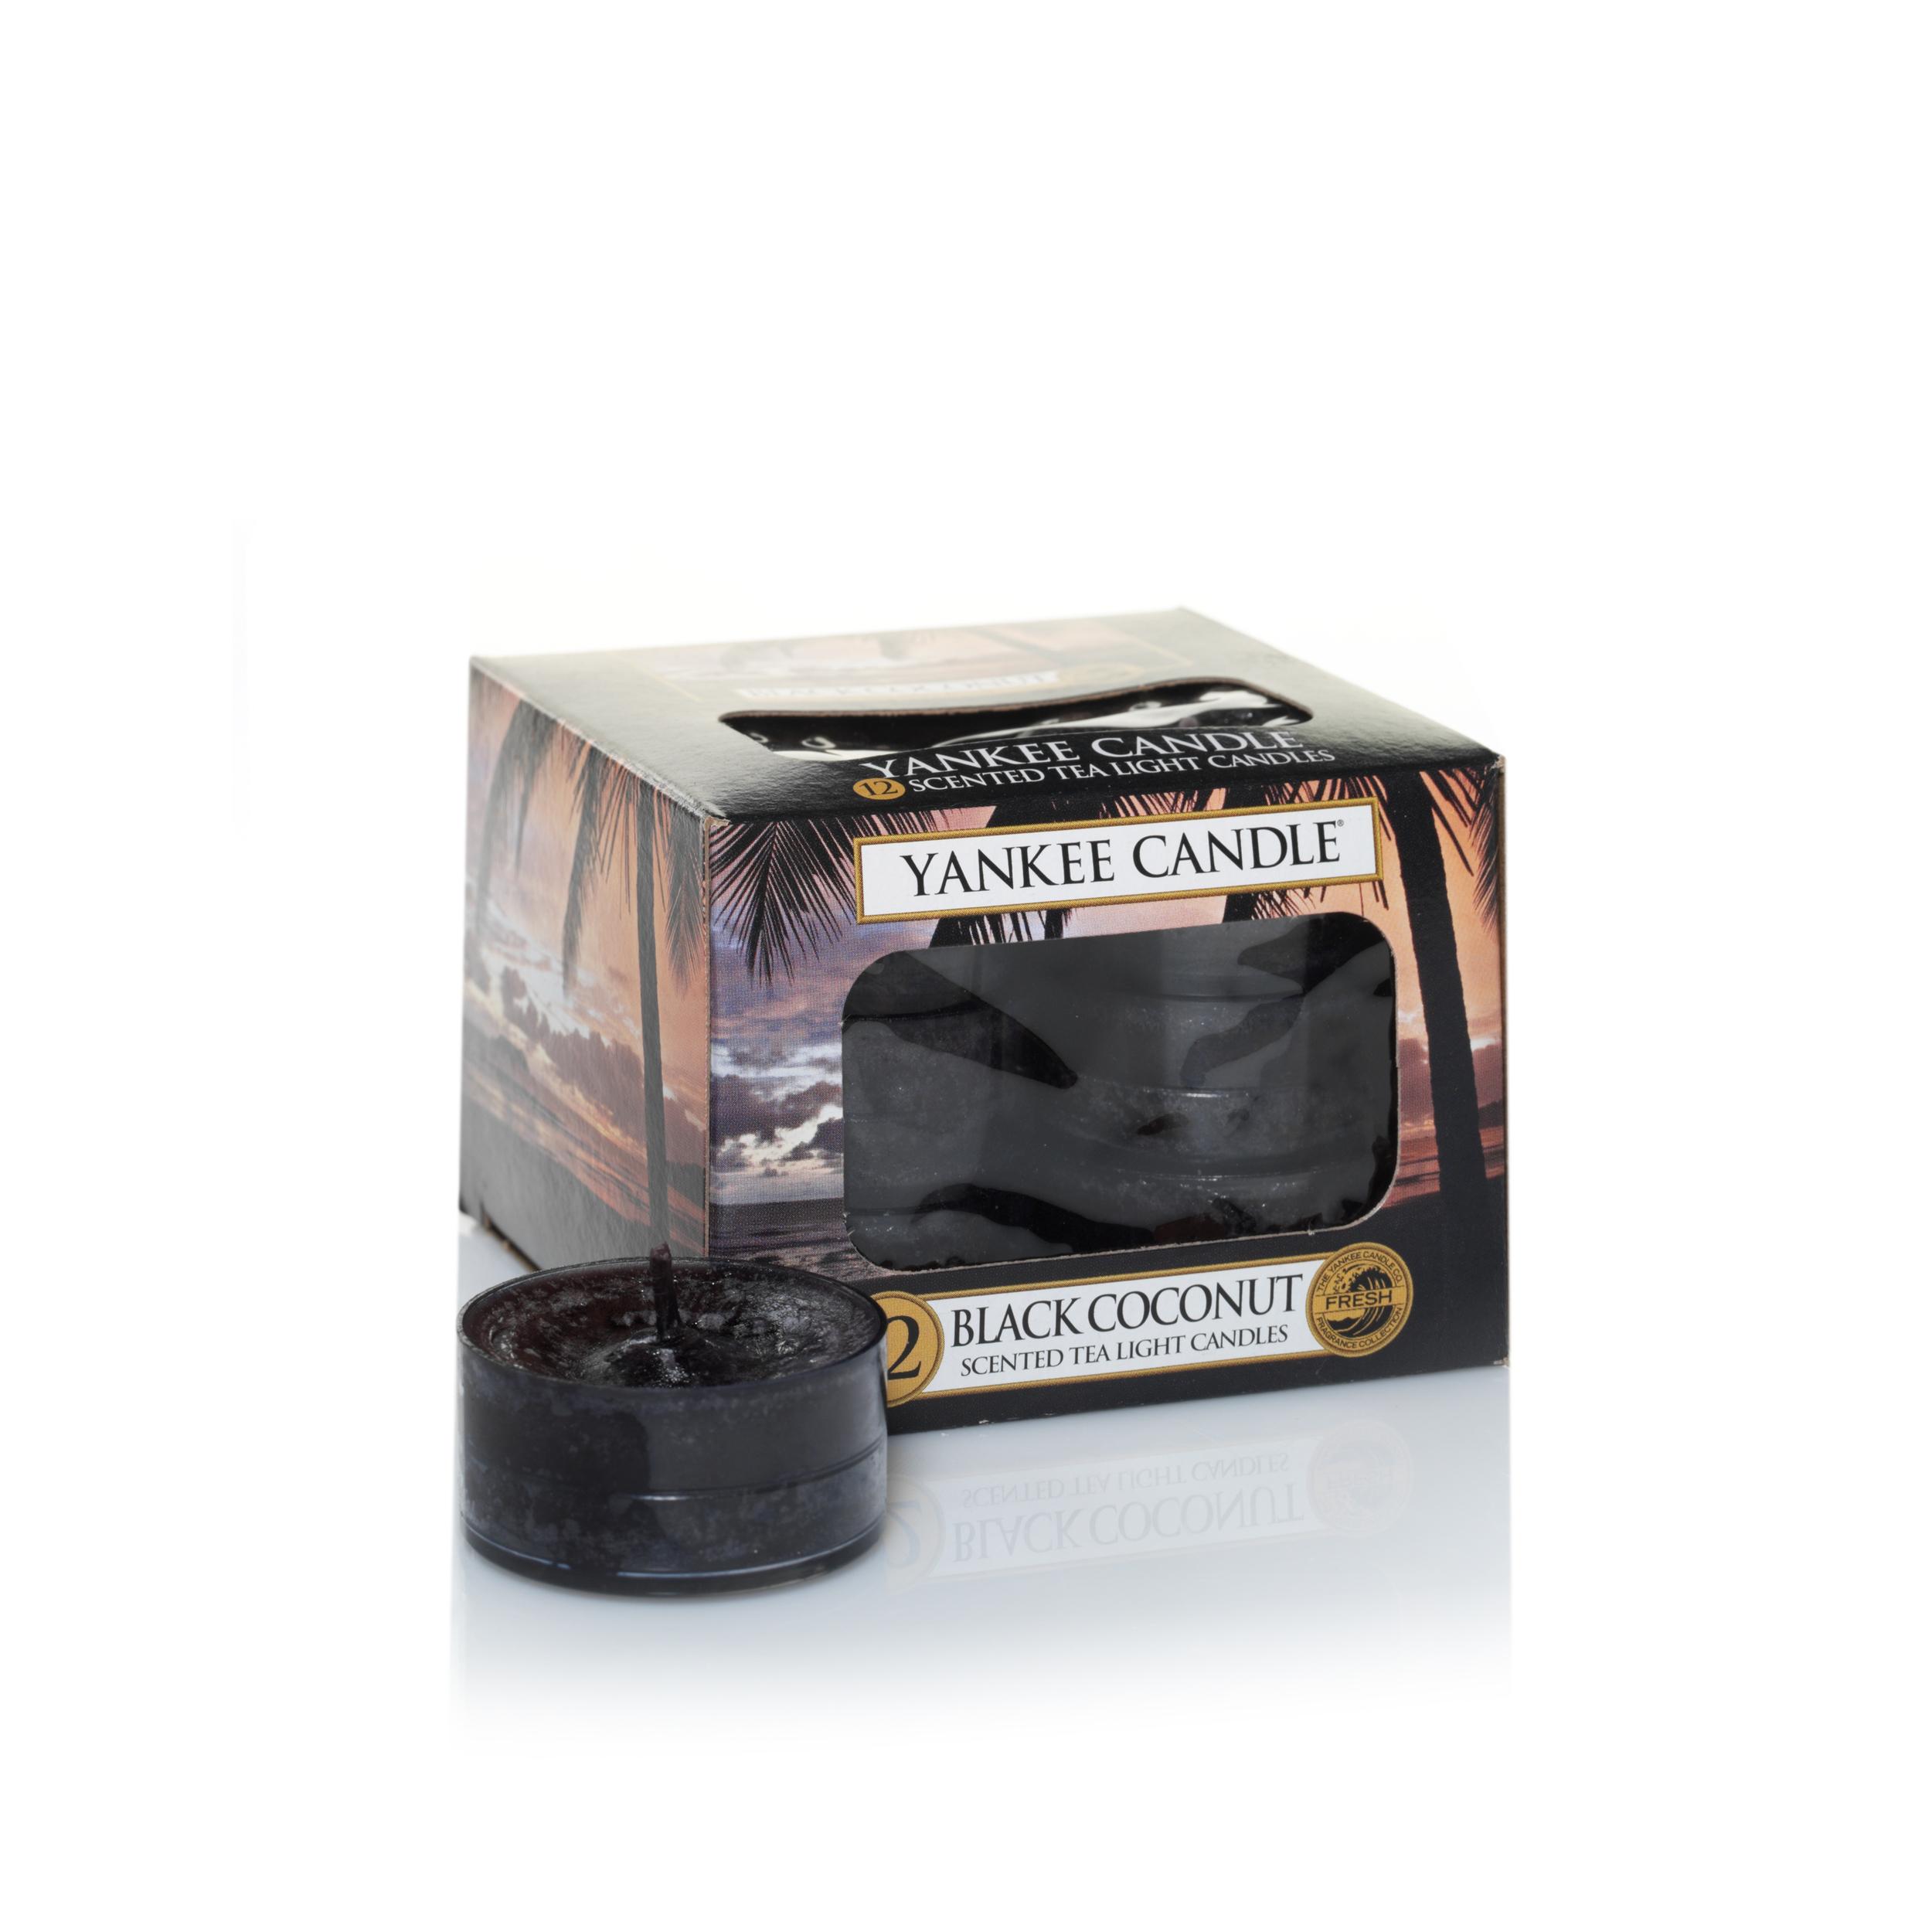 Bougie Black Coconut (boîte de 12 lumignons/chauffe-plats)